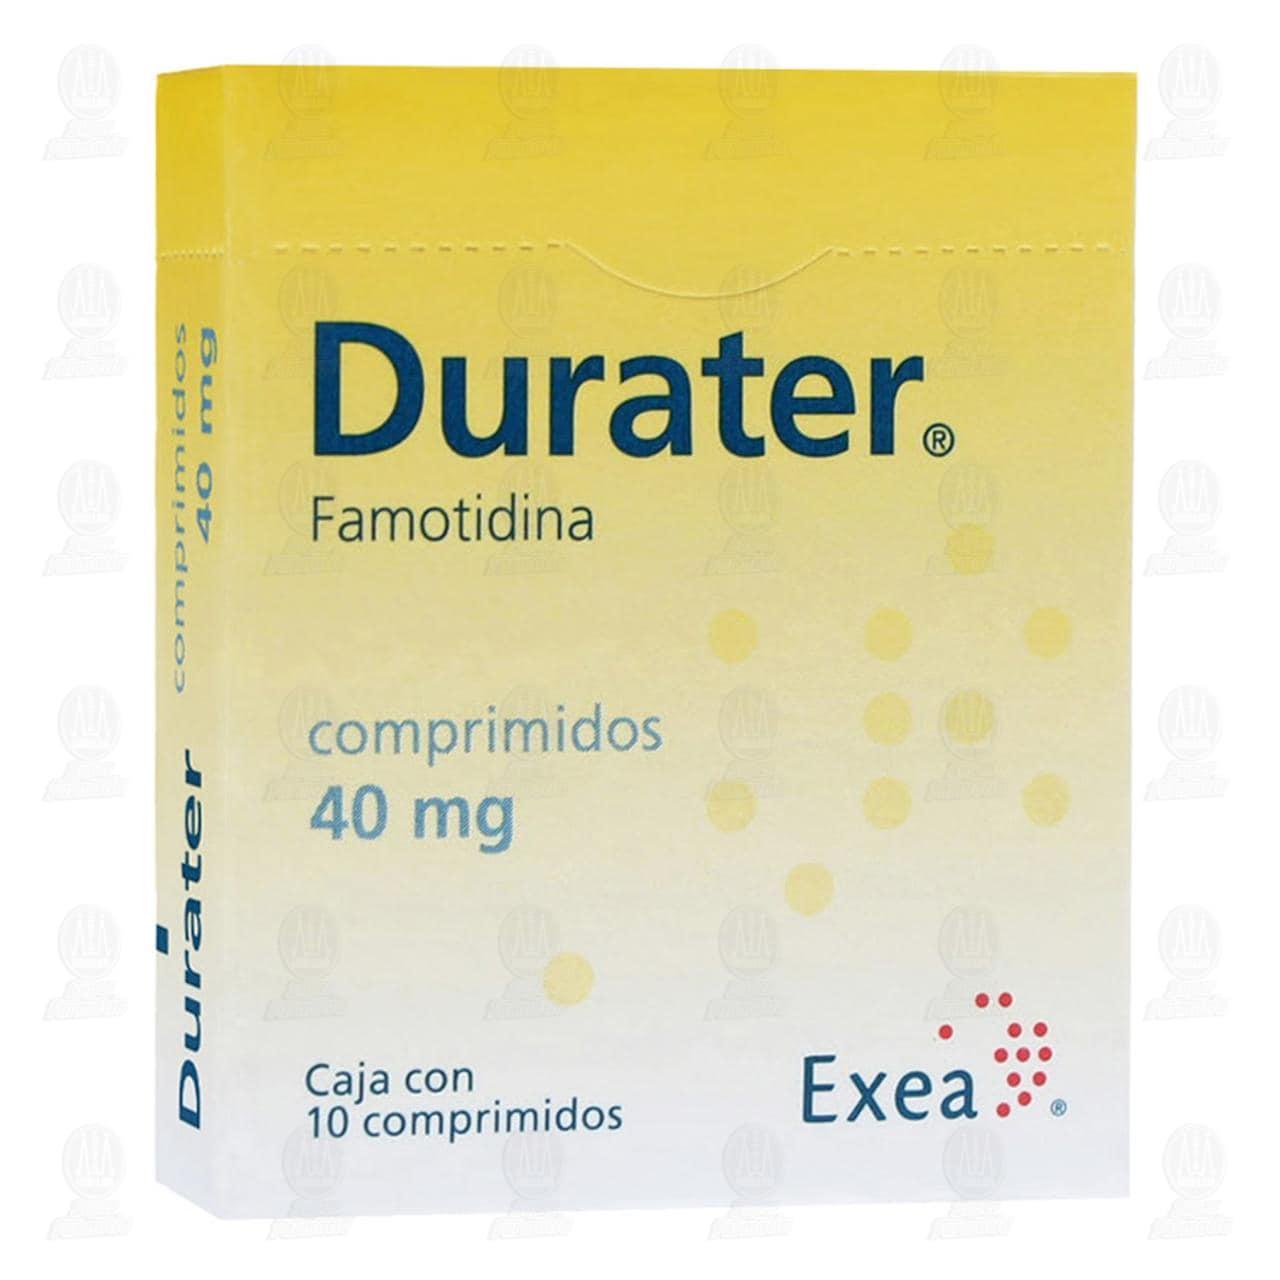 Comprar Durater 40mg 10 Comprimidos en Farmacias Guadalajara